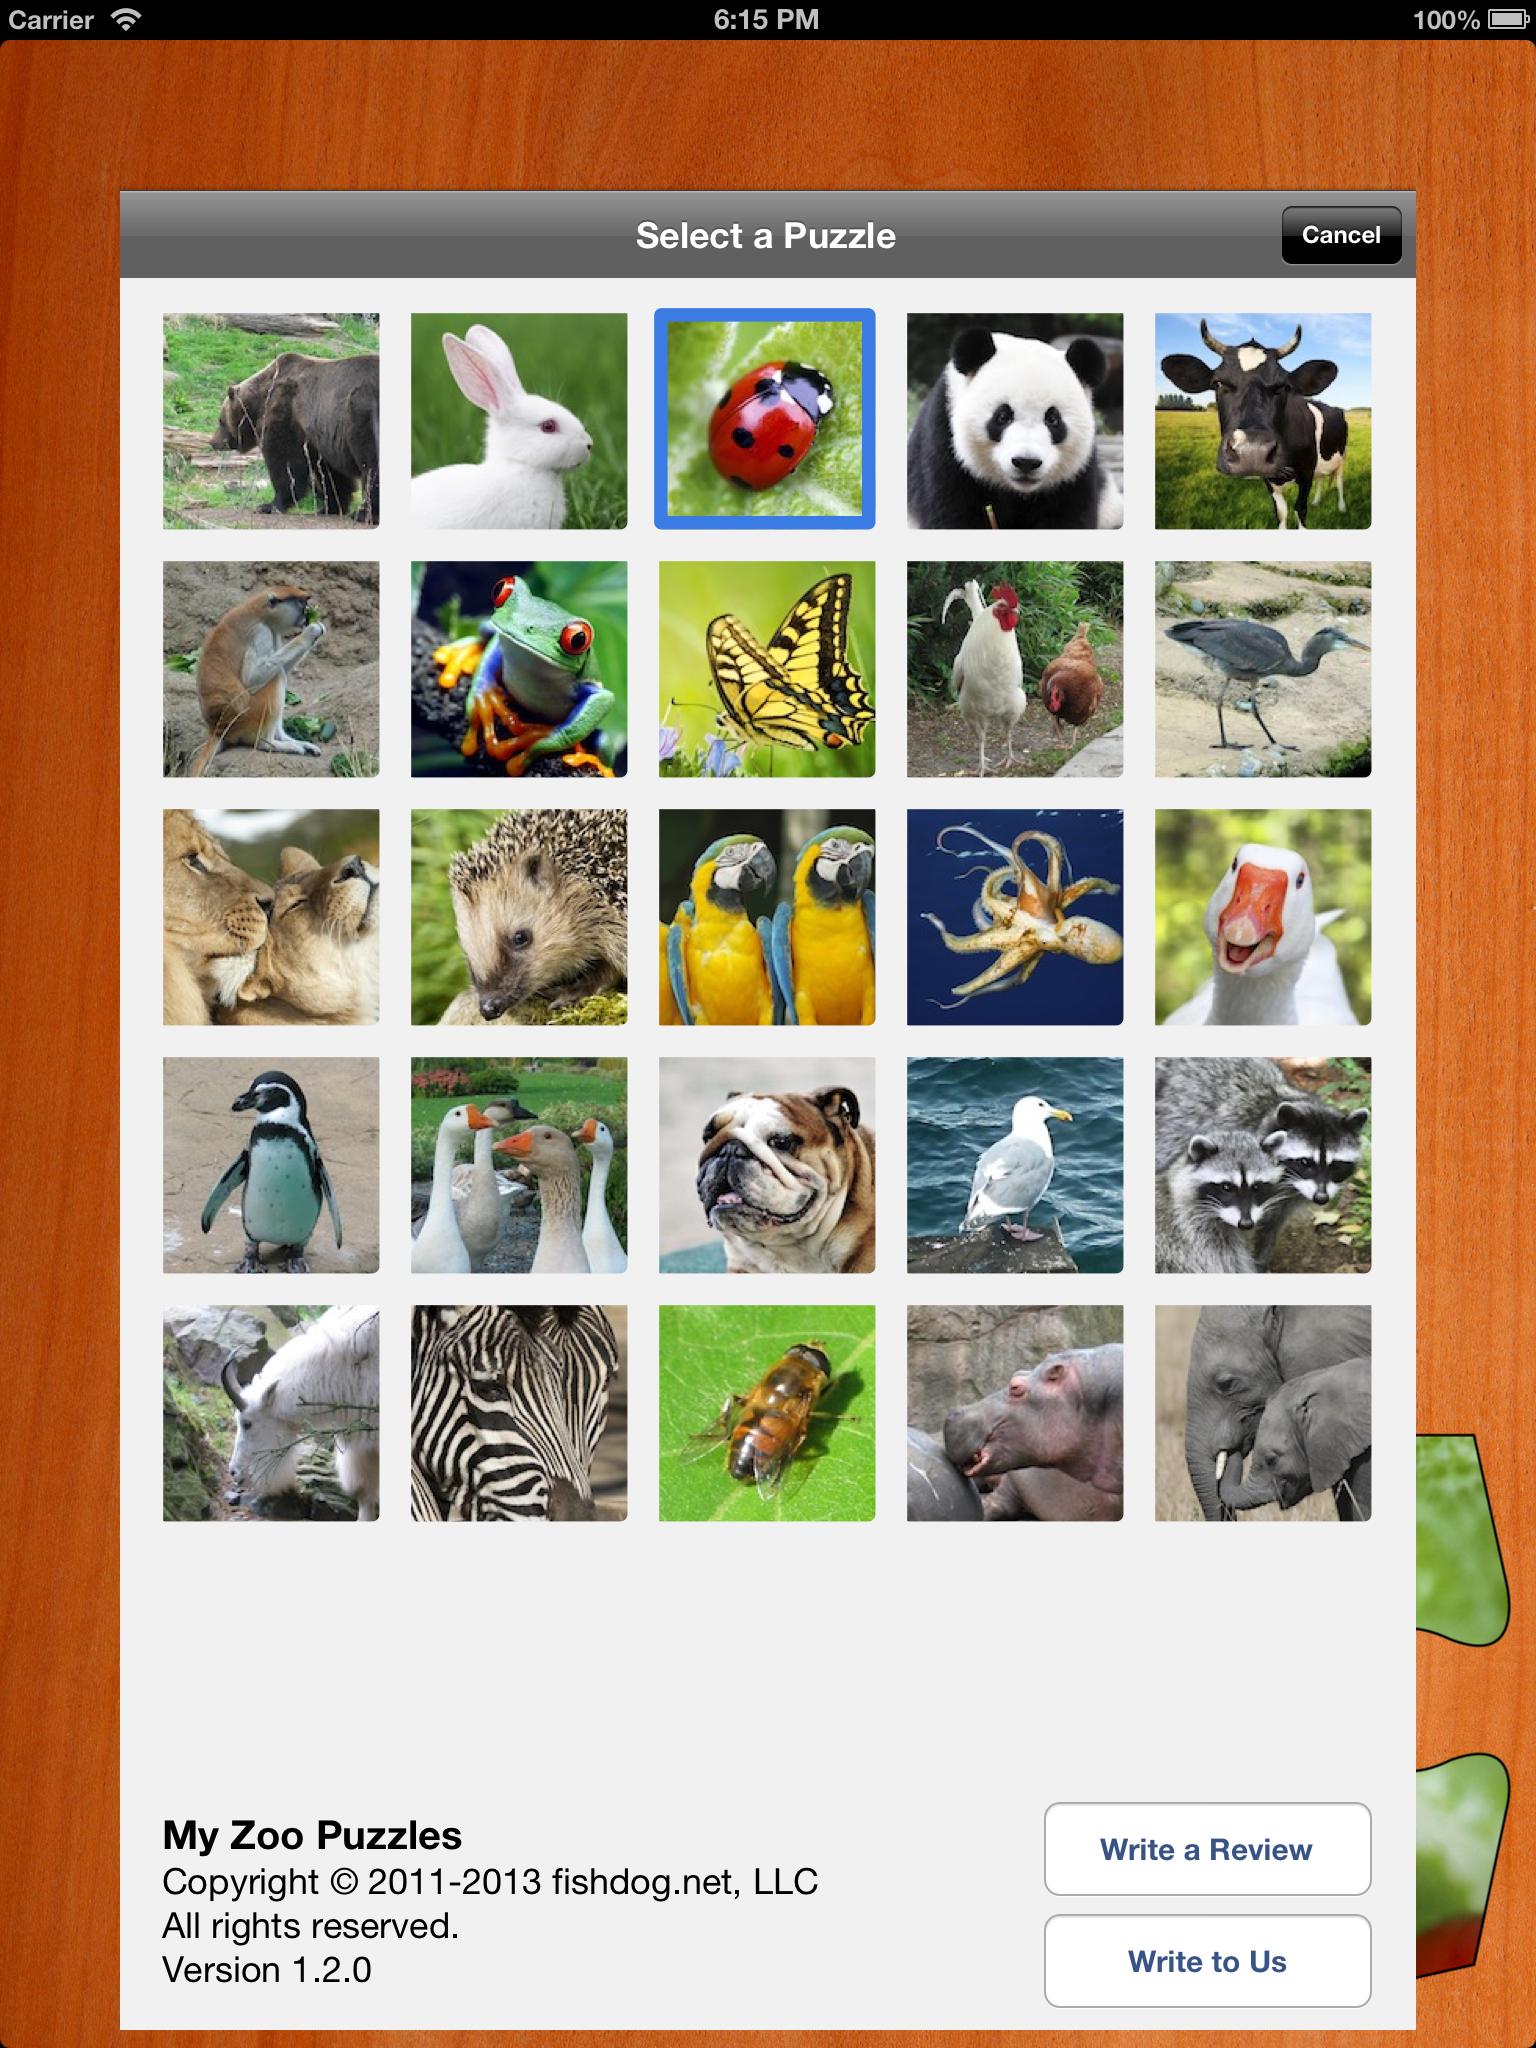 iOS Simulator Screen shot Jan 25, 2013 6.15.19 PM.png